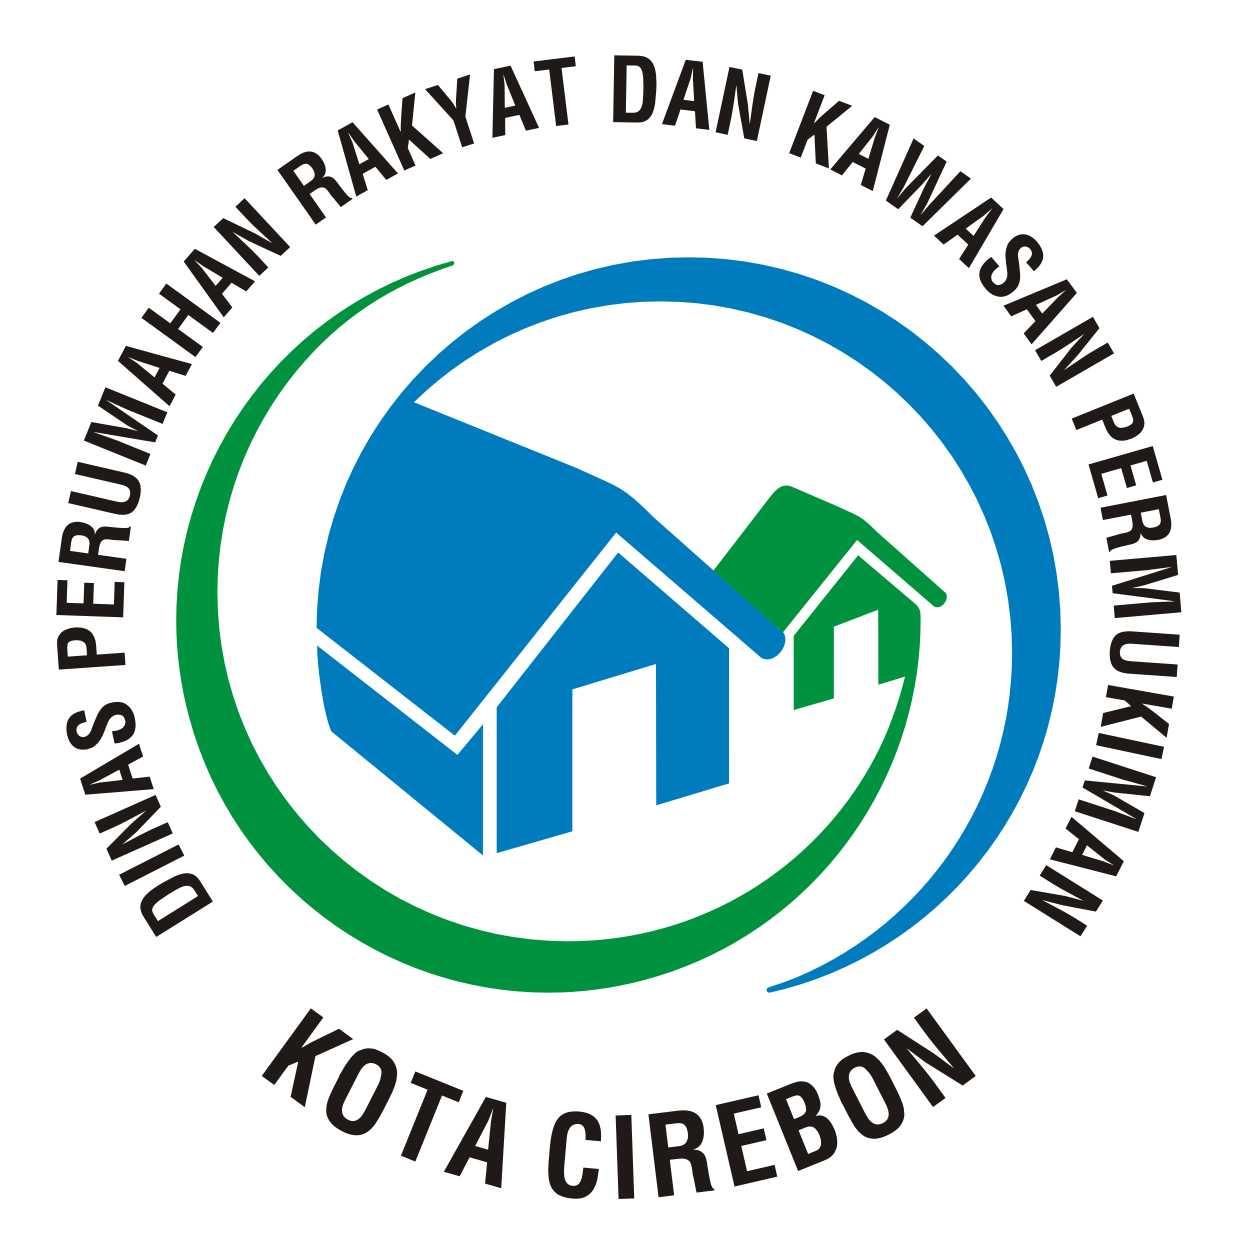 Dinas Perumahan Rakyat dan Kawasan Permukiman Kota Cirebon